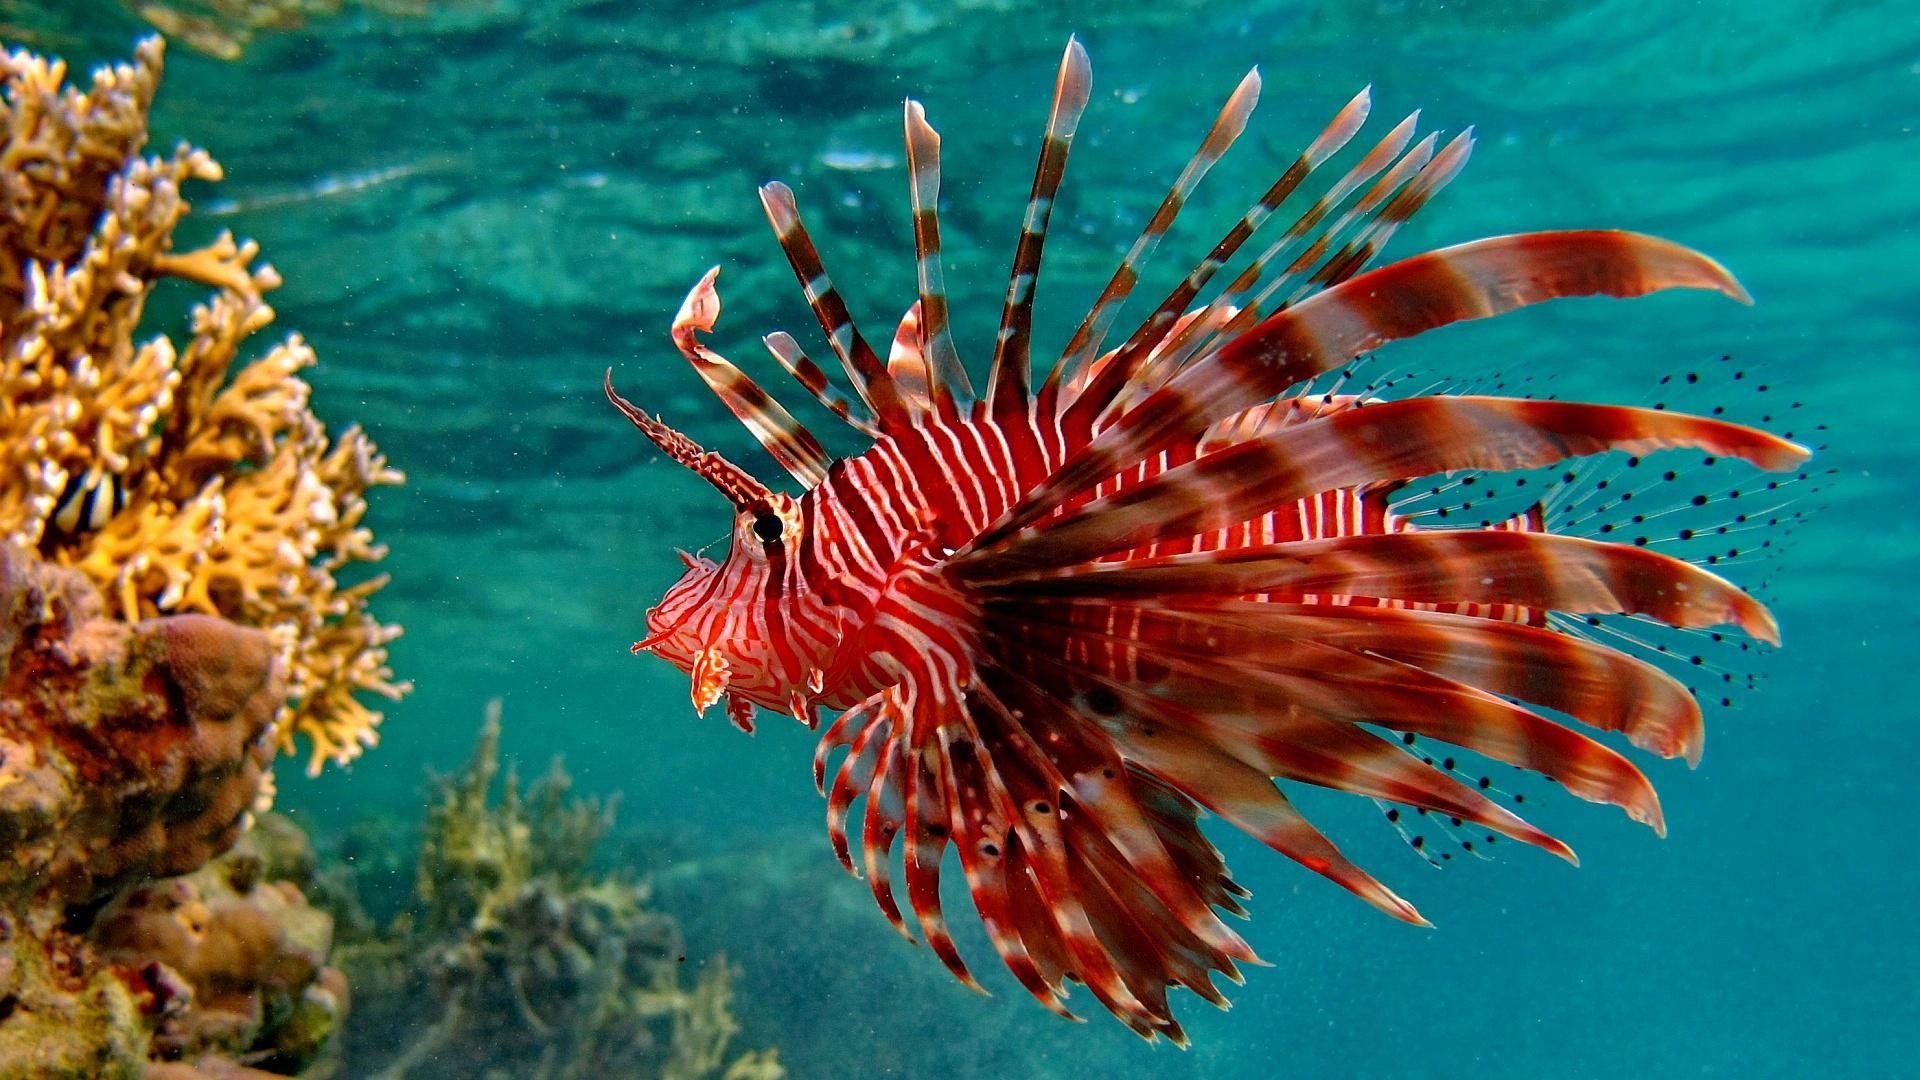 Underwater Tropical Ocean Sea Color Free Jpg 1920 1080 Lion Fish Underwater Fish Underwater Animals